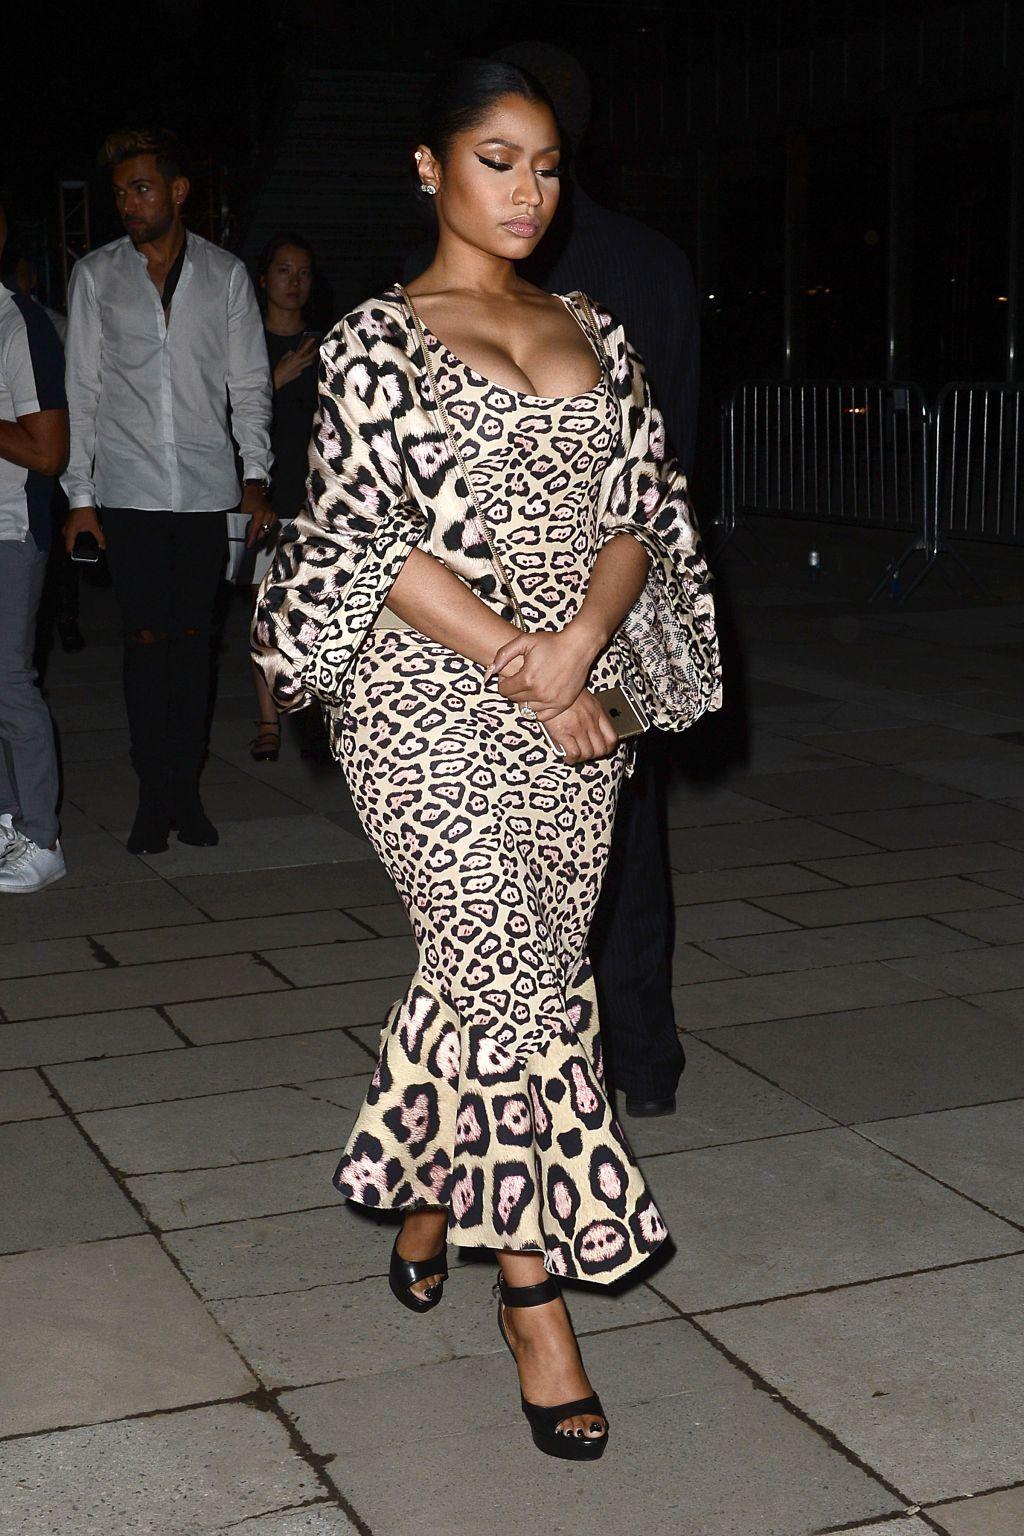 Nicki Minaj attends The Givenchy Show